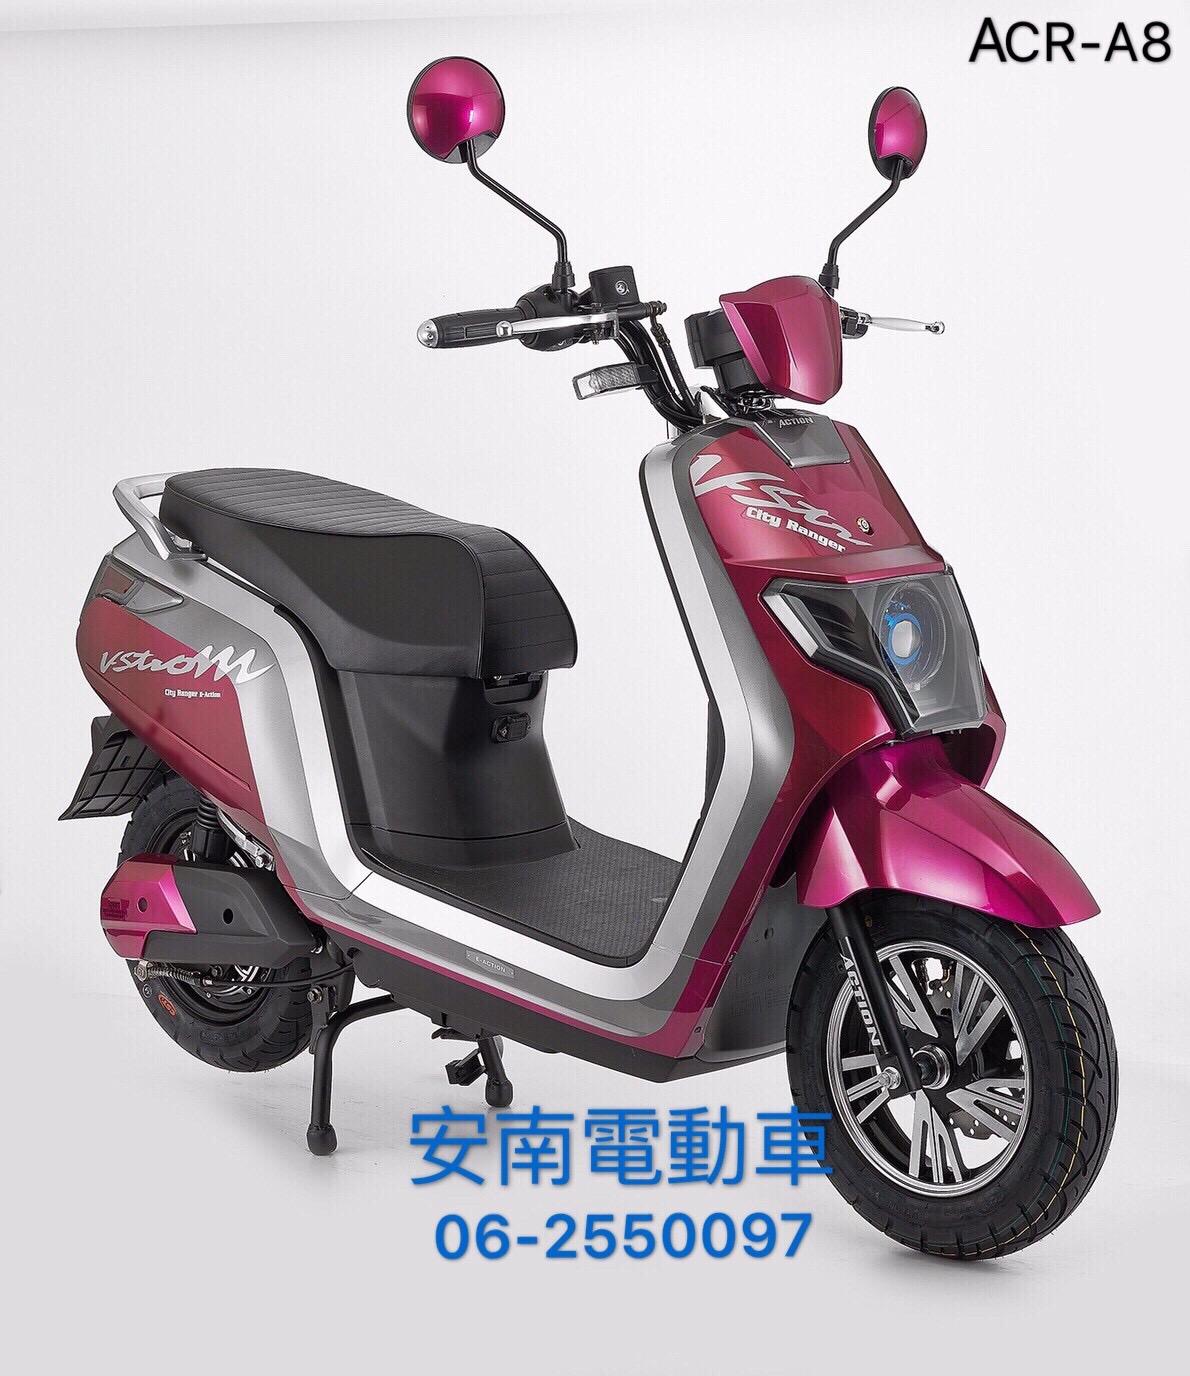 【安南電動車業】臺南電動車-臺南電動機車代步車-電動自行車腳踏車-四輪電動車-老人電動車-電動輪椅